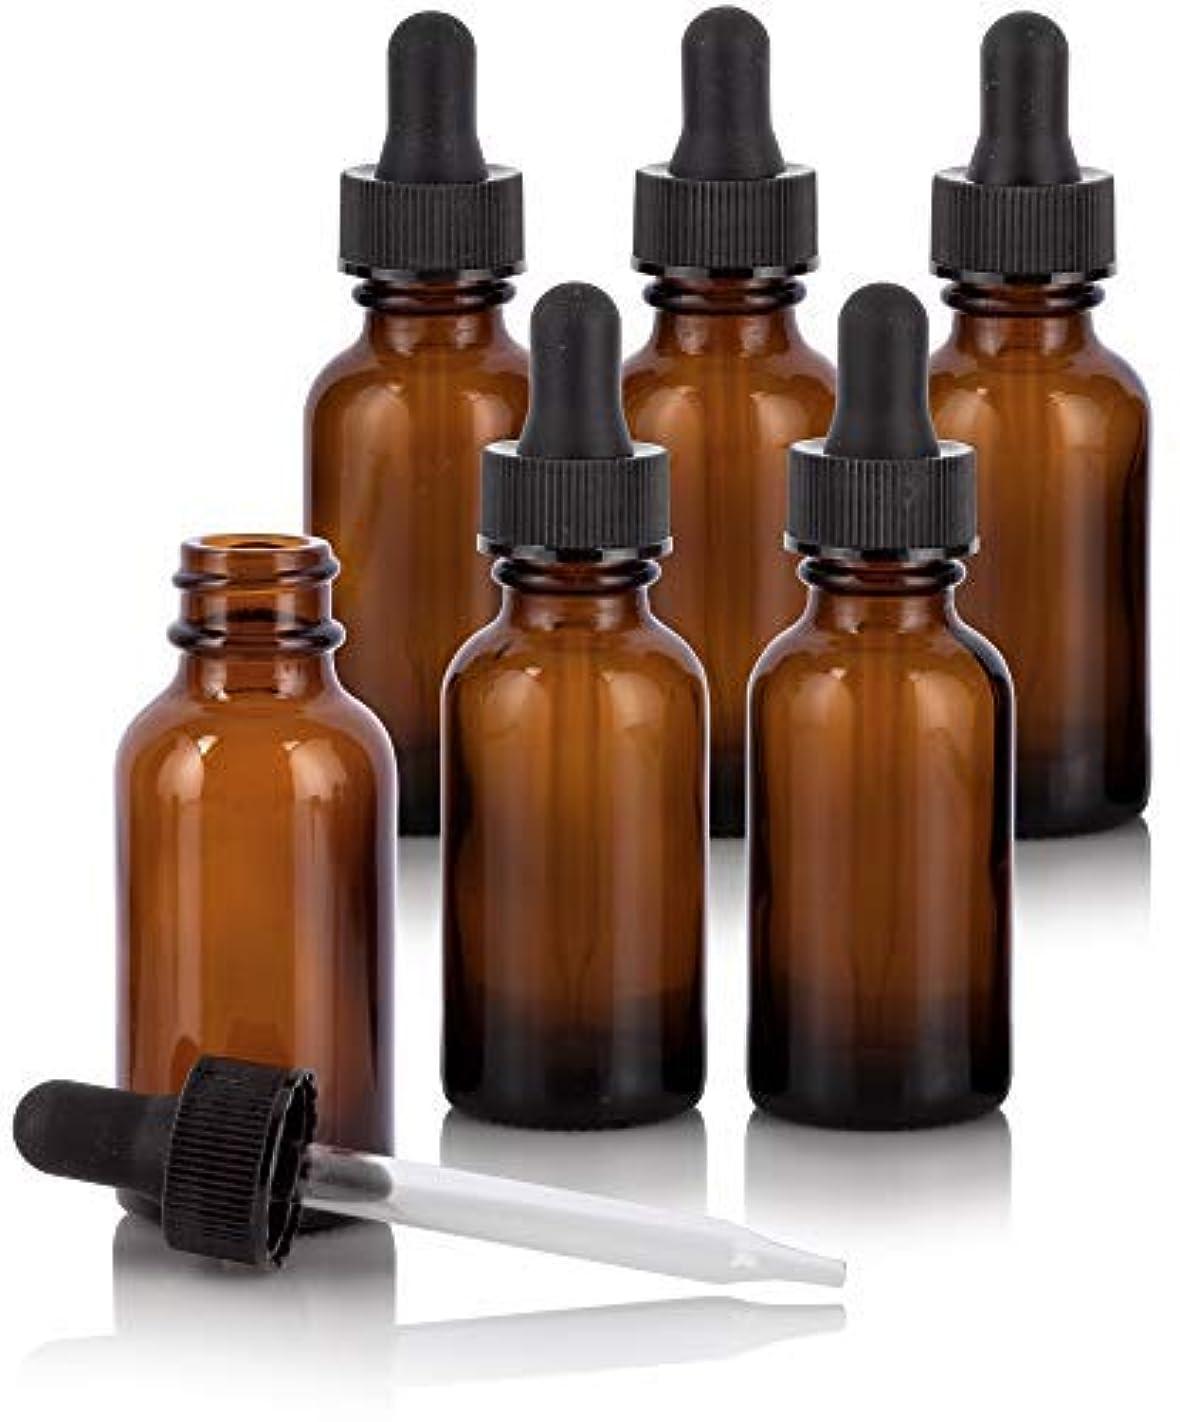 法令竜巻コールド1 oz Amber Glass Boston Round Dropper Bottle (6 Pack) + Funnel and Labels for Essential Oils, Aromatherapy, e-Liquid...